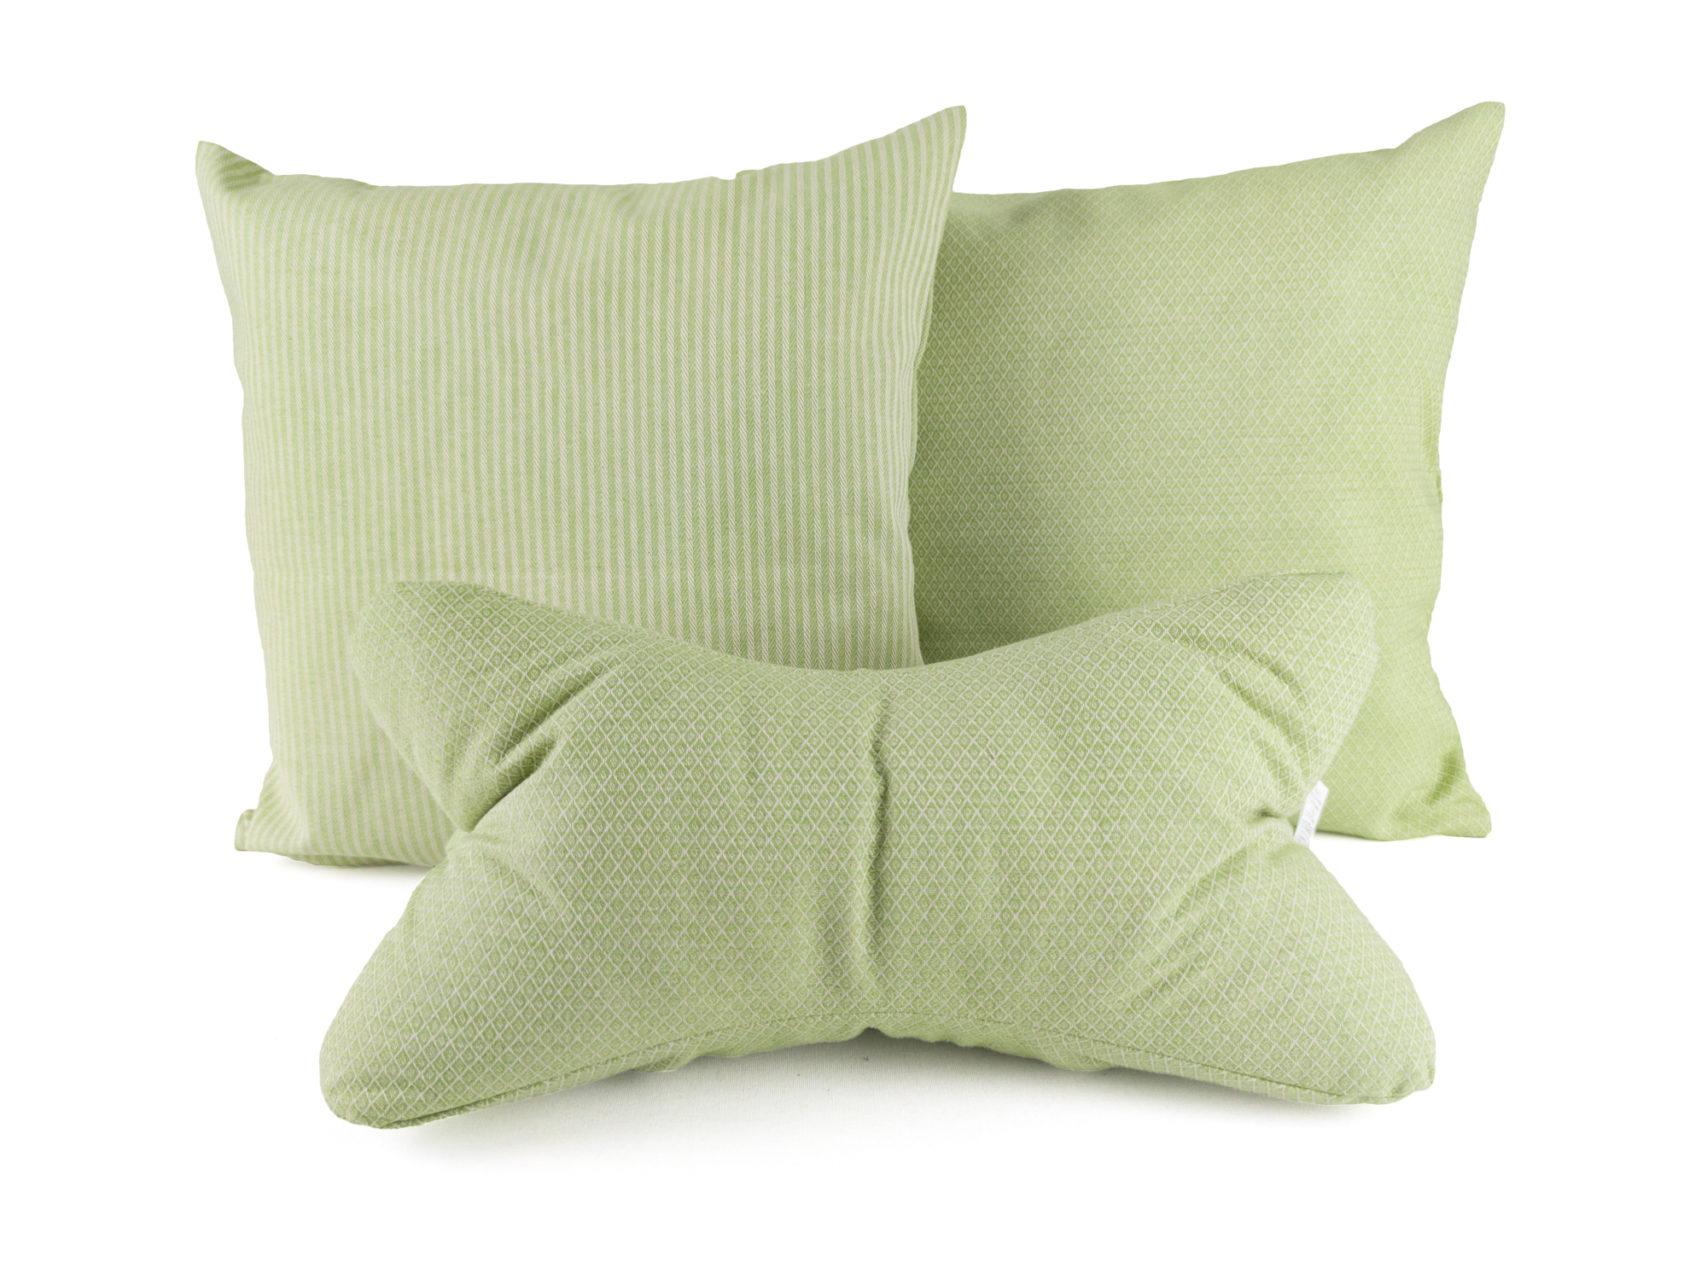 Kissen-Set-B-zwei-Kissen-Streifen-Rauten-Leseknochen-Rauten-hellgrün